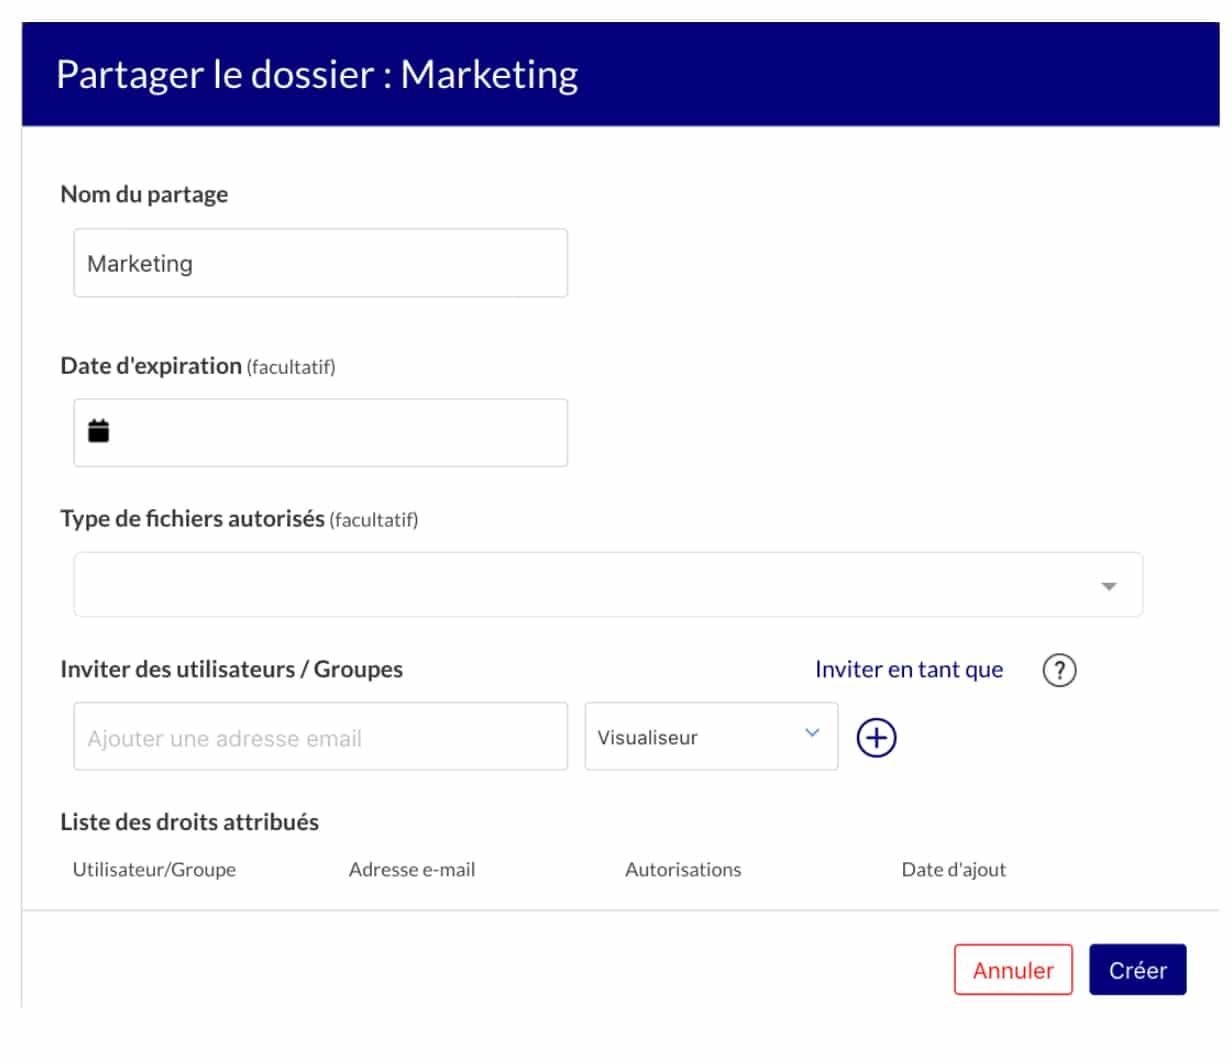 Visuel de l'interface de partage de fichiers